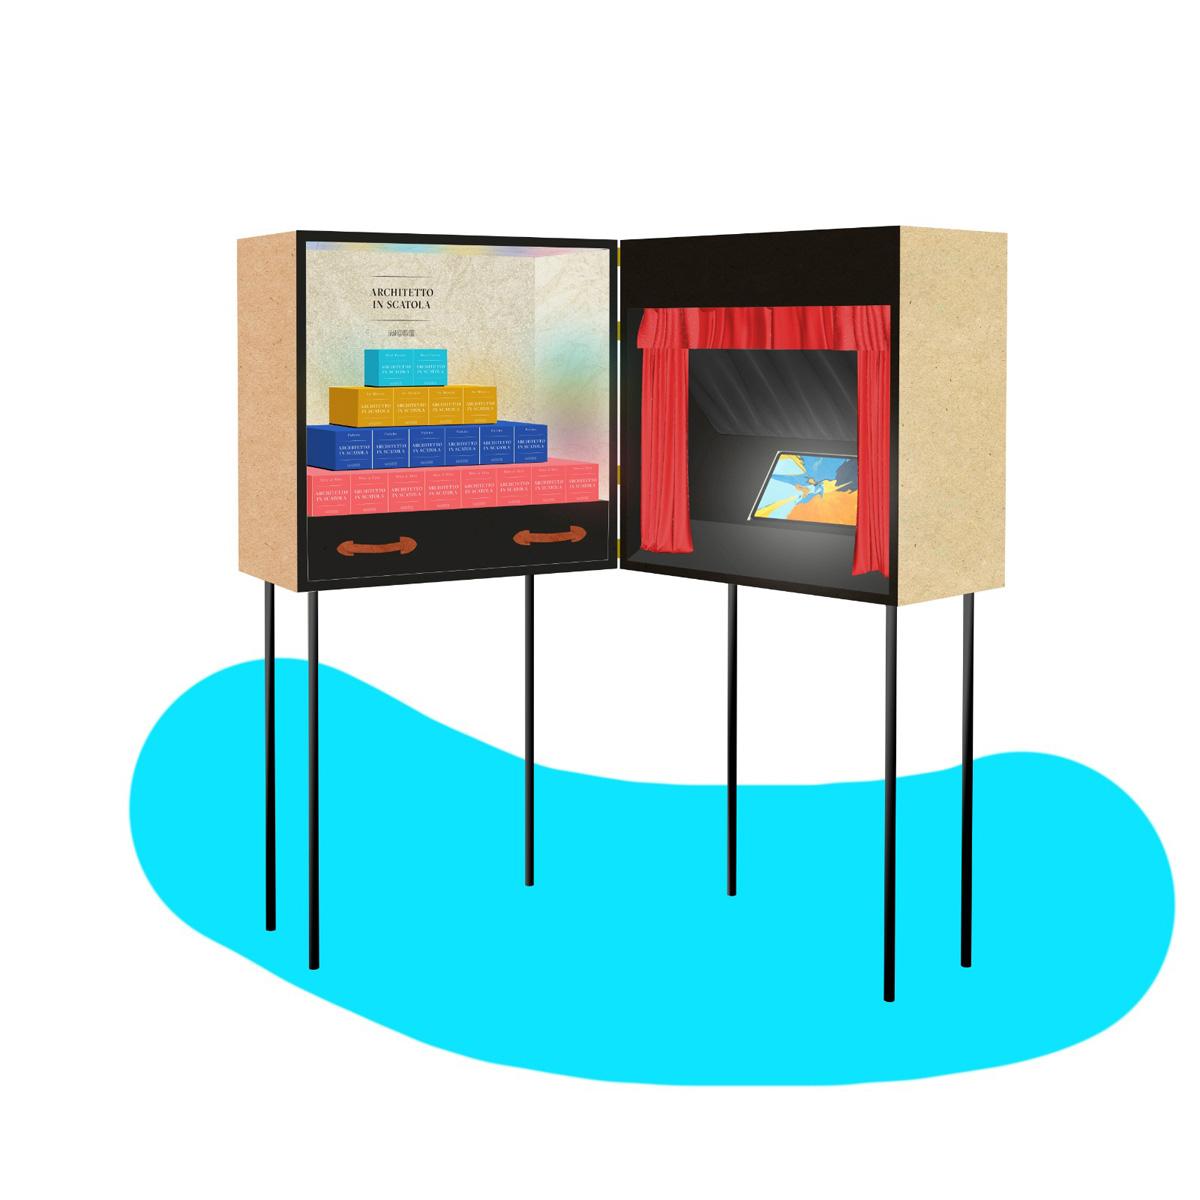 architetto-in-scatola-studio-more-consulenza-07